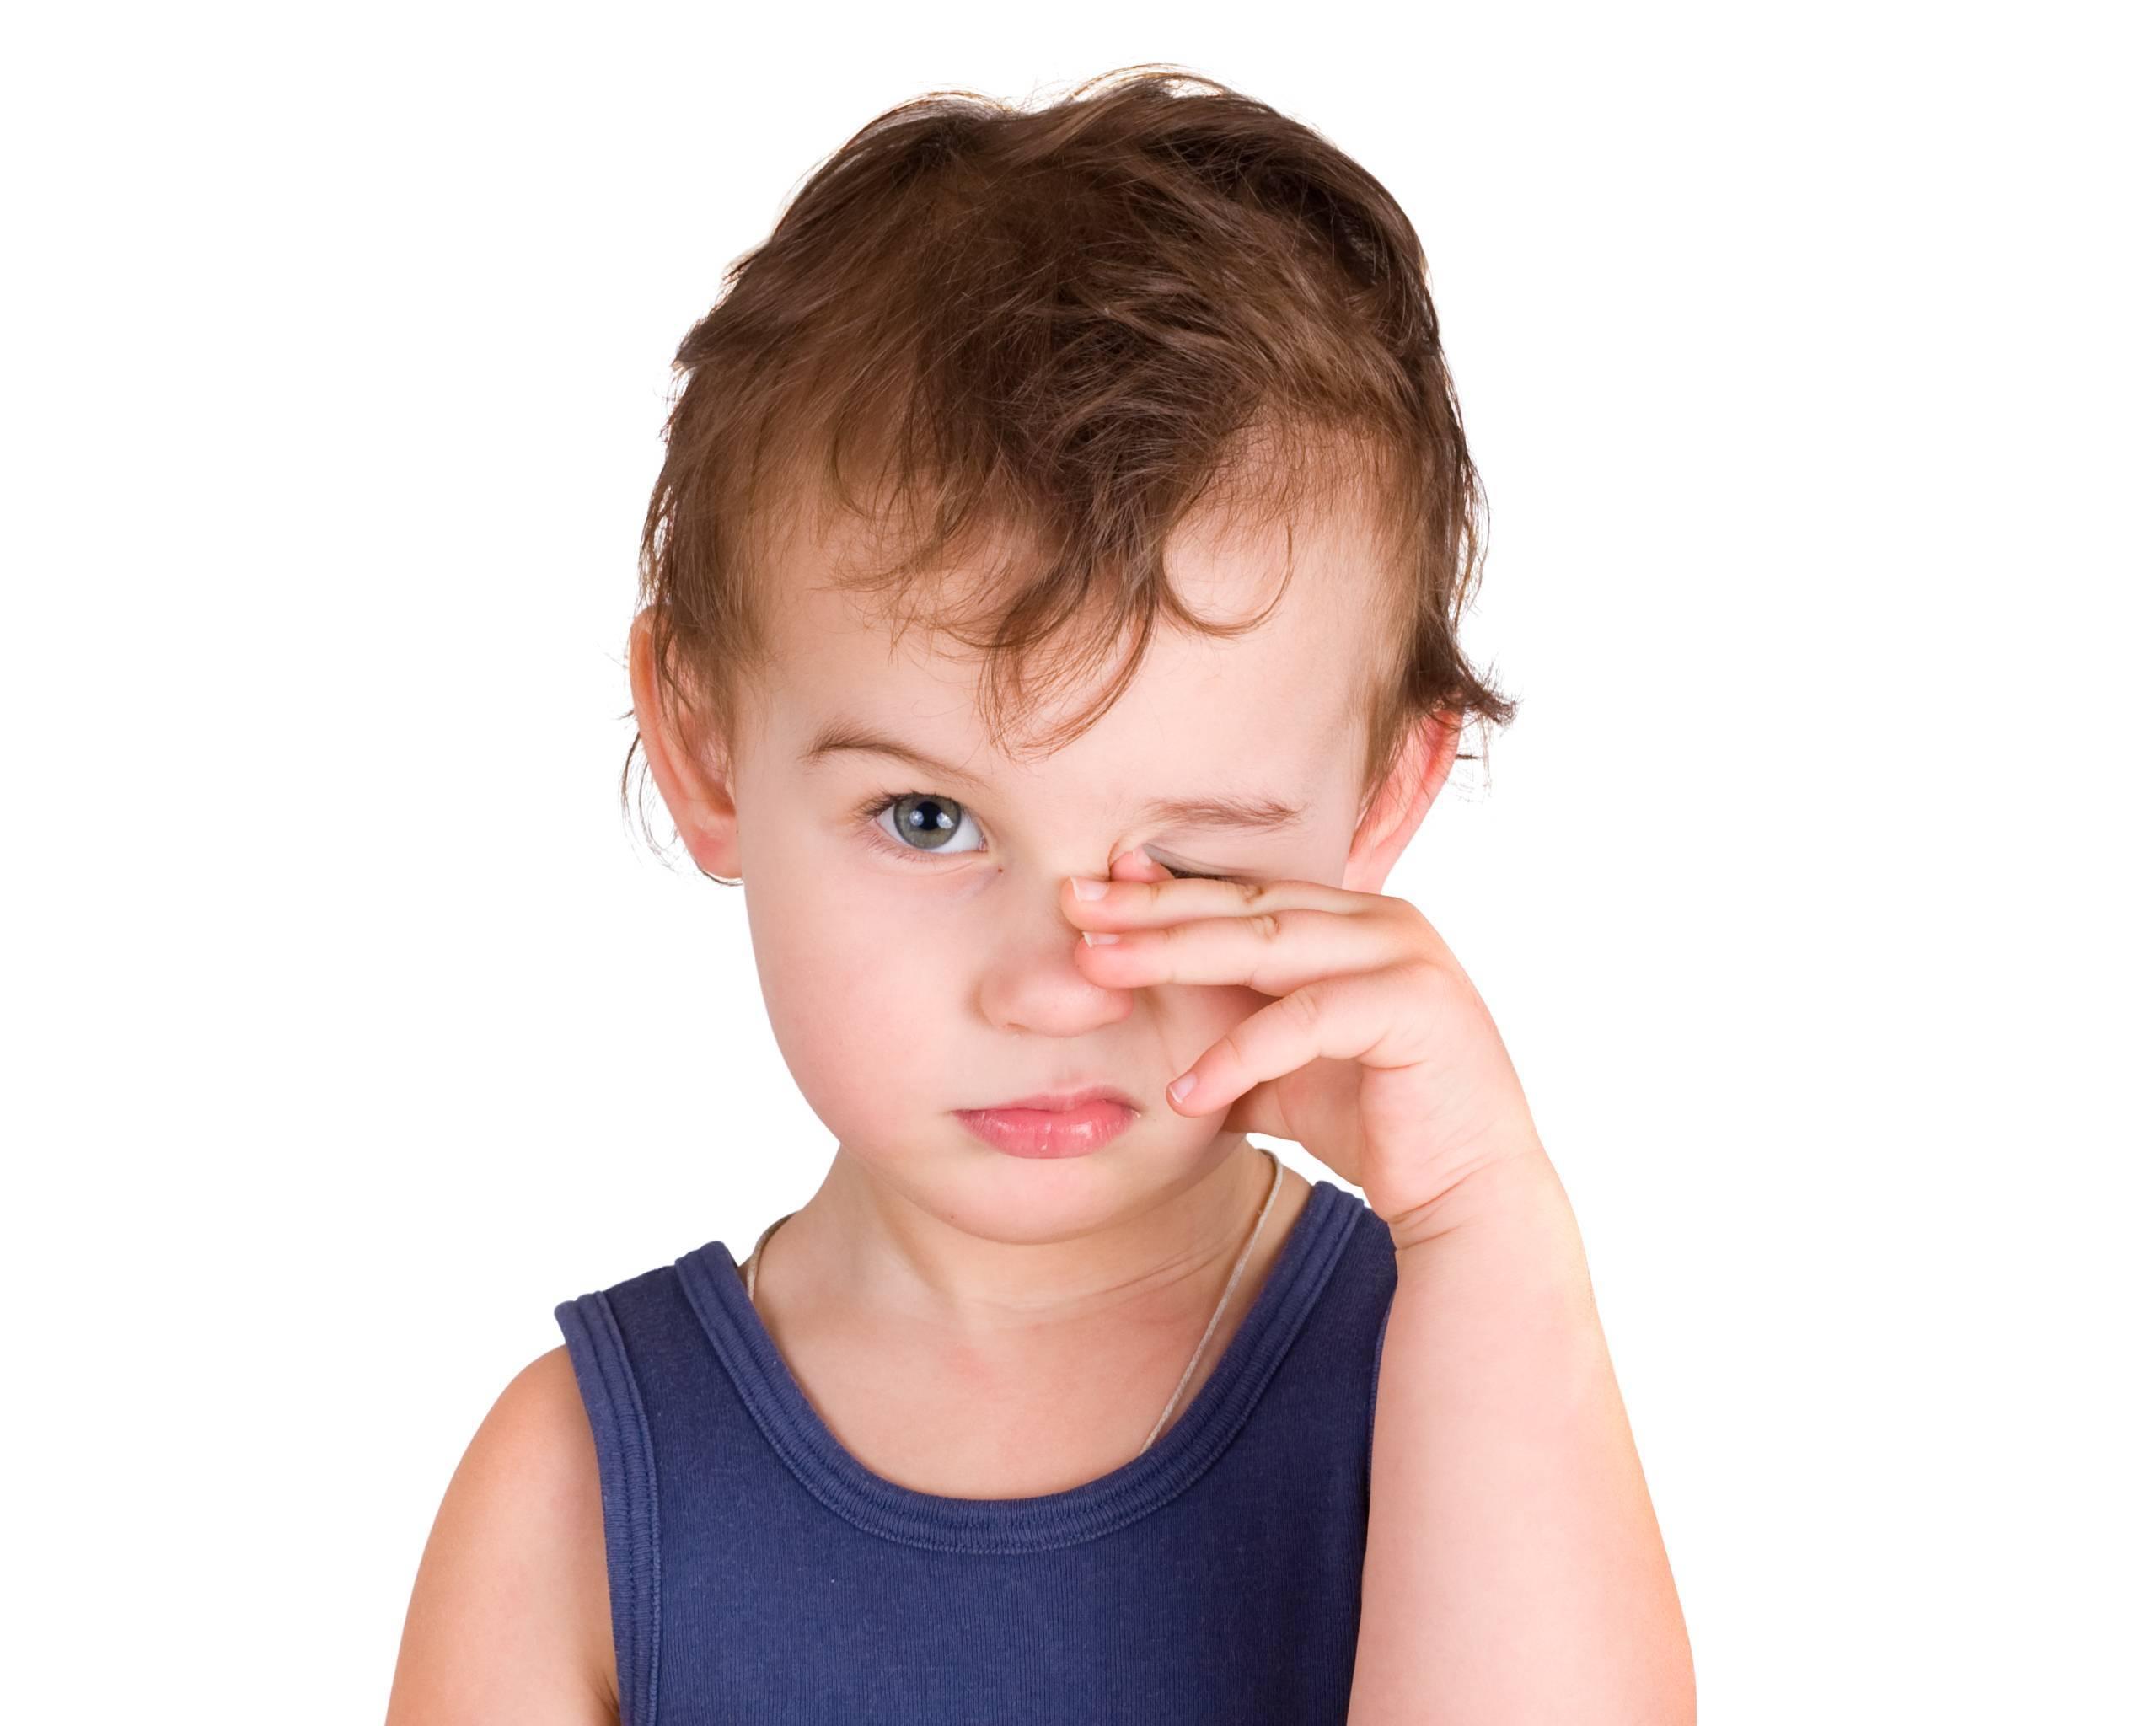 Почему у ребенка постоянно открыт рот?